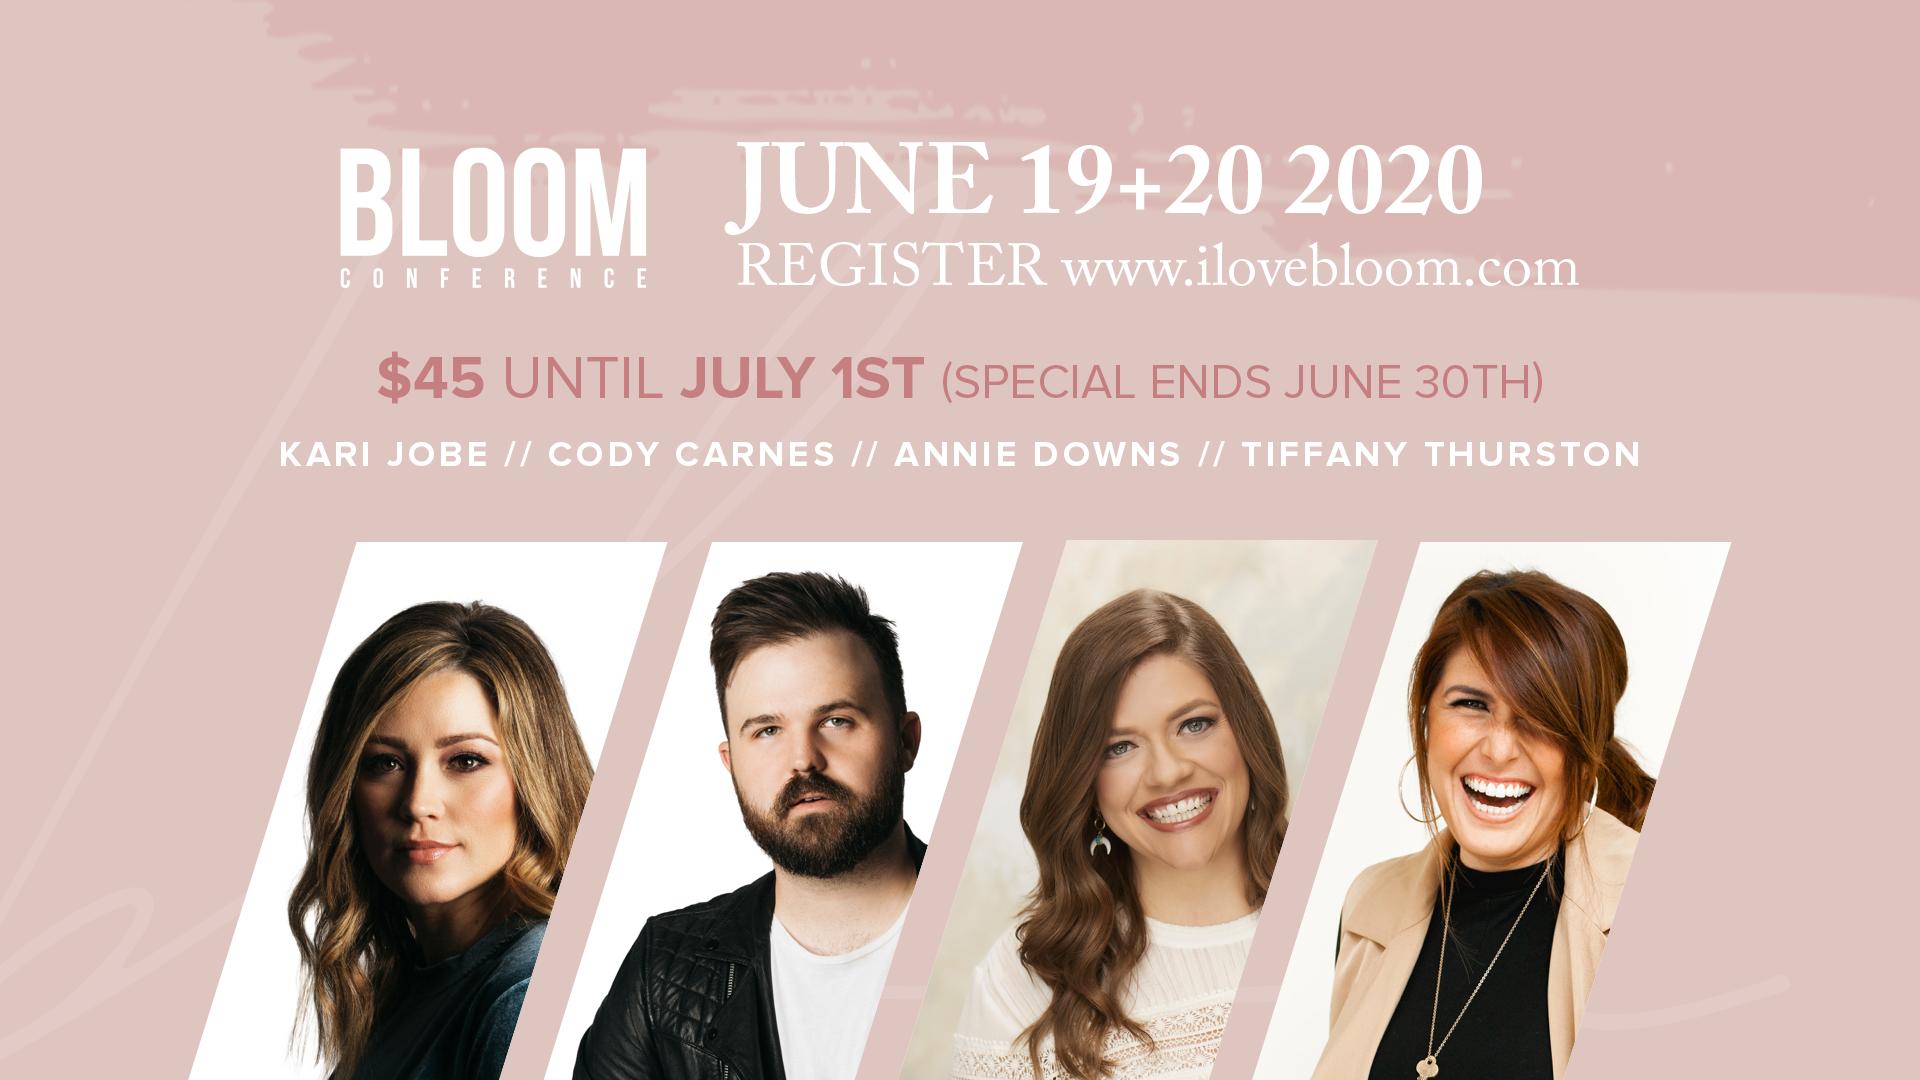 bloom-slides-2020-2.png